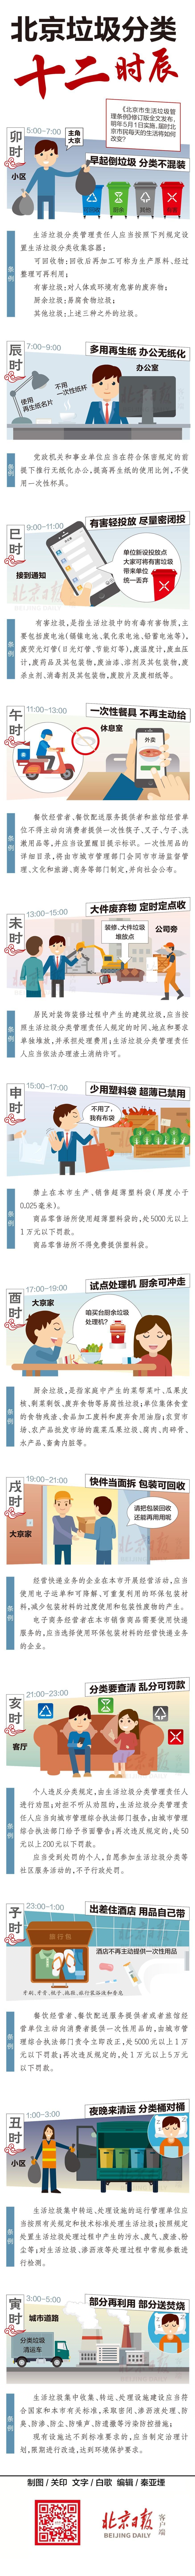 北京垃圾分类管理条例实施后 您的生活将是这样